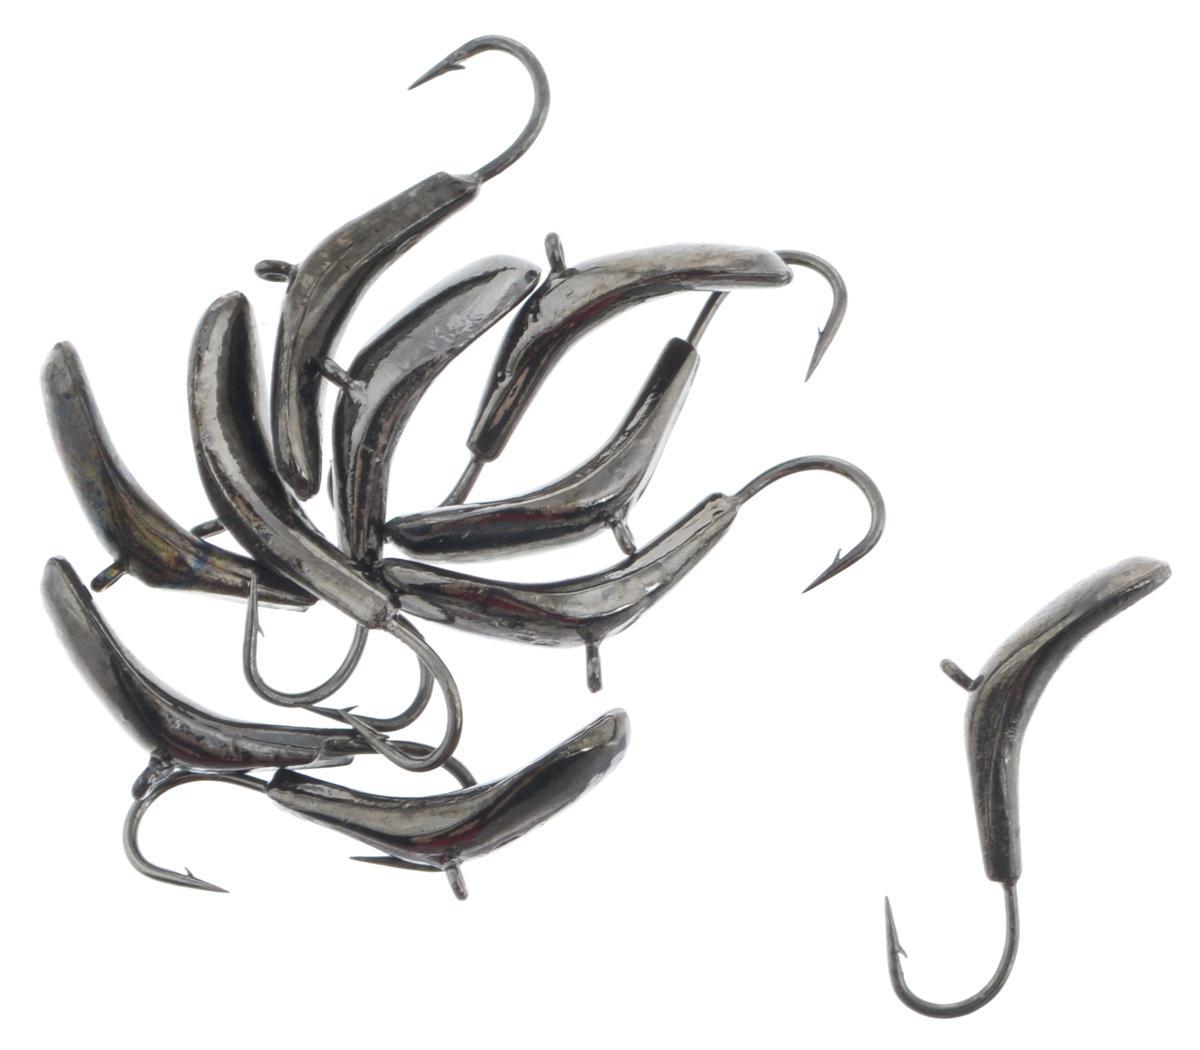 Мормышка вольфрамовая Dixxon-Russia, комар, цвет: черный никель, диаметр 4 мм, 10 шт26892Мормышка Dixxon-Russia изготовлена из вольфрама и оснащена крючком. Главное достоинство вольфрамовой мормышки - большой вес при малом объеме. Эта особенность дает большие преимущества при ловле, так как позволяет быстро погрузить приманку на требуемую глубину и лучше чувствовать игру мормышки.Диаметр мормышки: 4 мм.